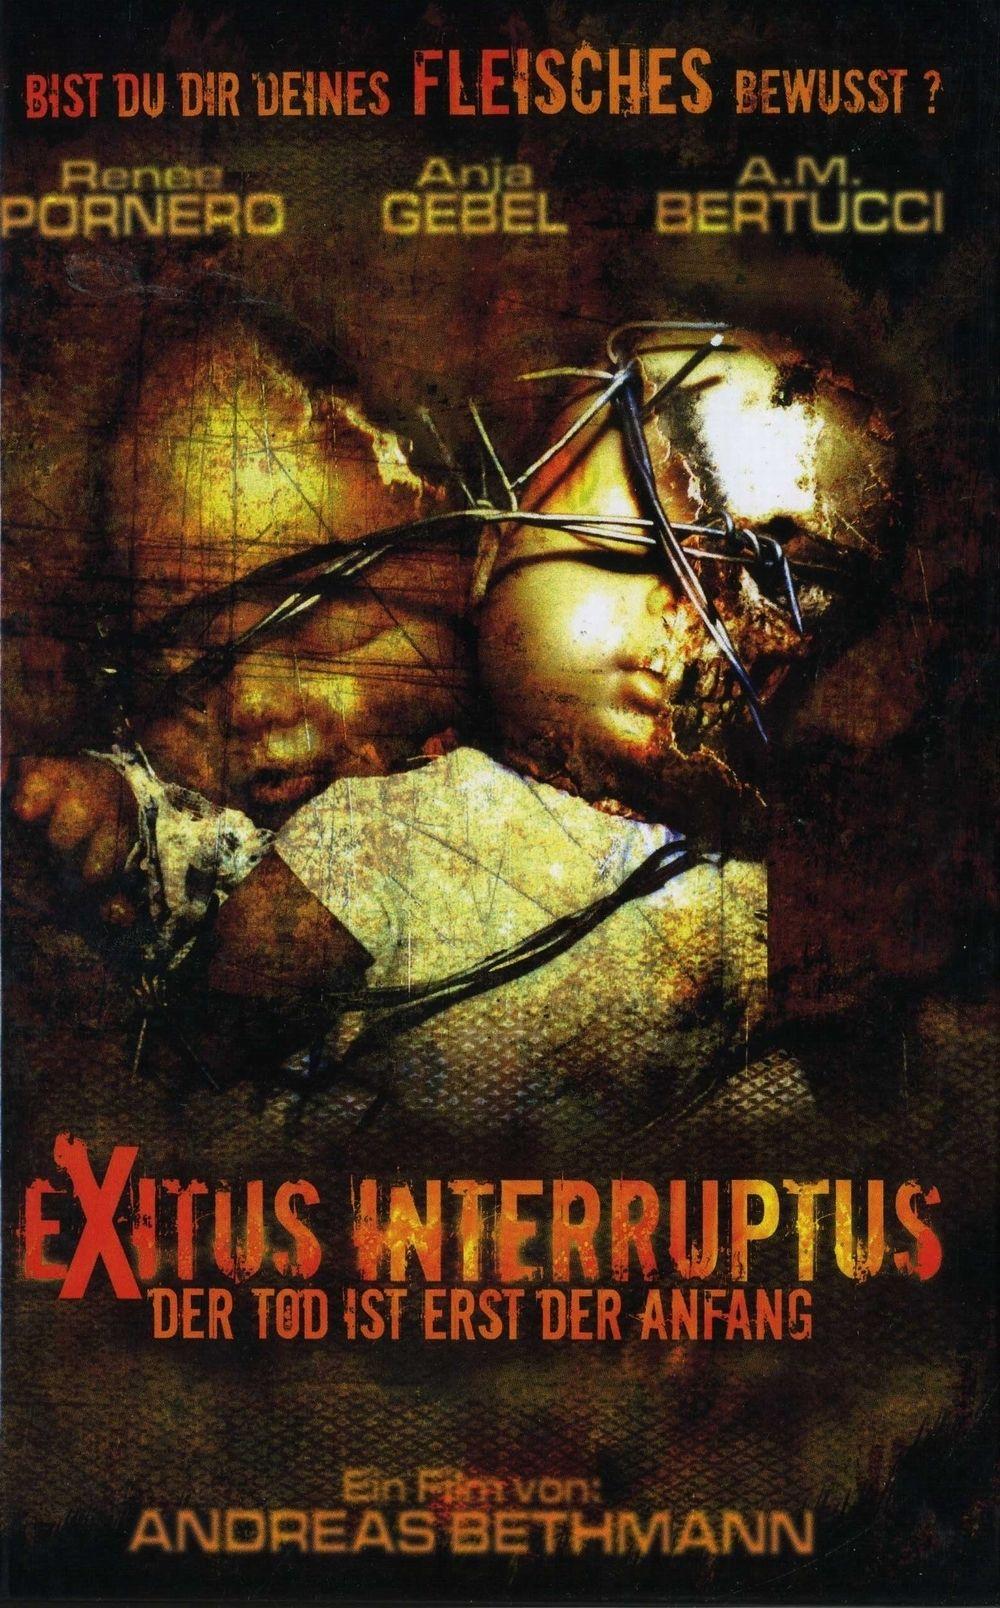 Exitus interruptus - Film (2006) - SensCritique